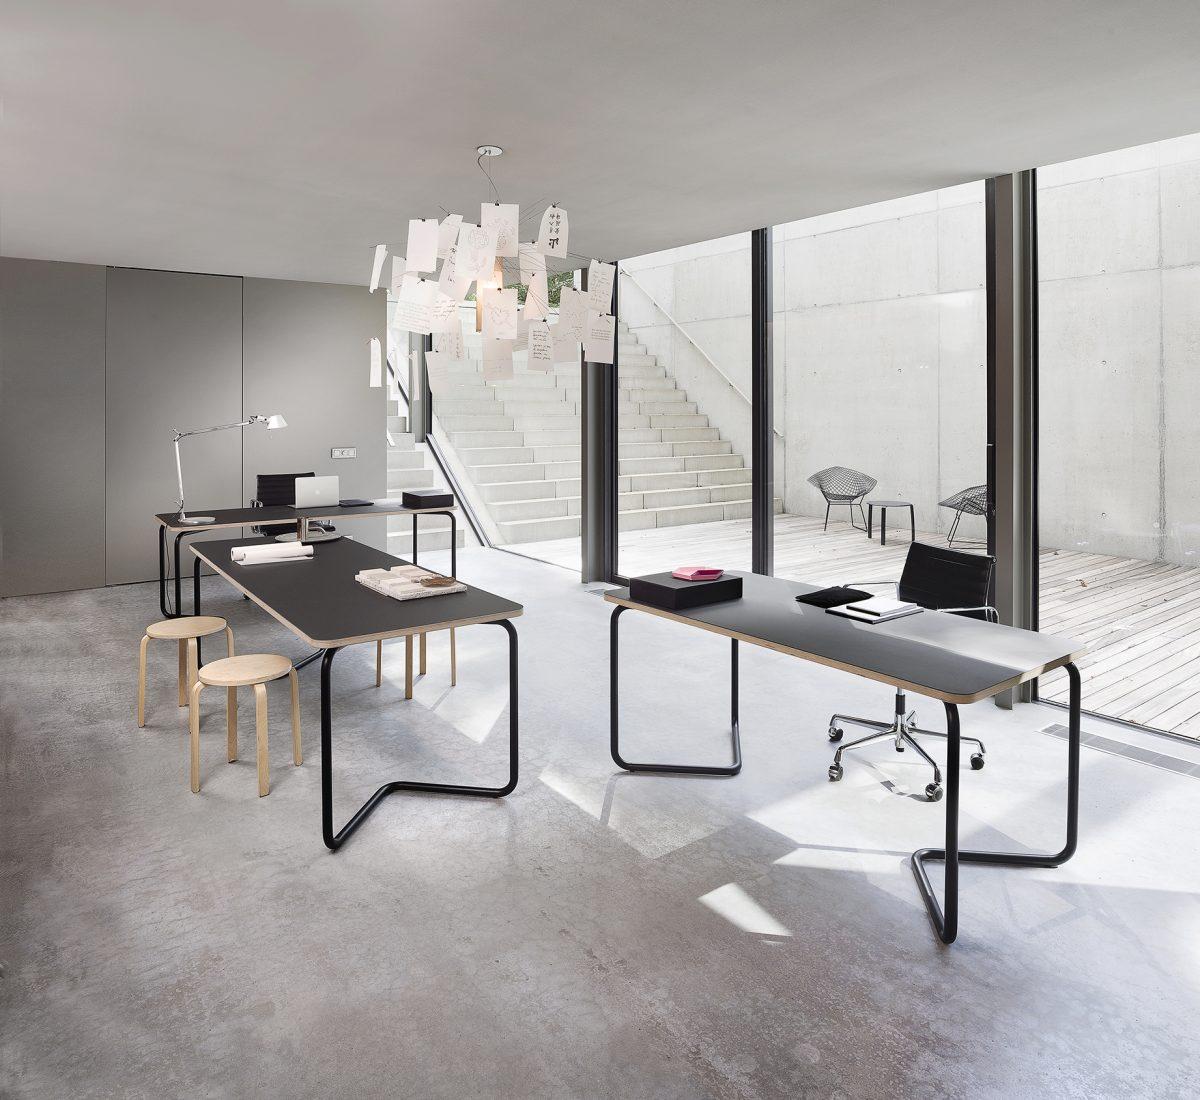 KUMPEL Table Black Charcoal 160 200 240X80 Functionals Dutch Design Tafel Schragen Project